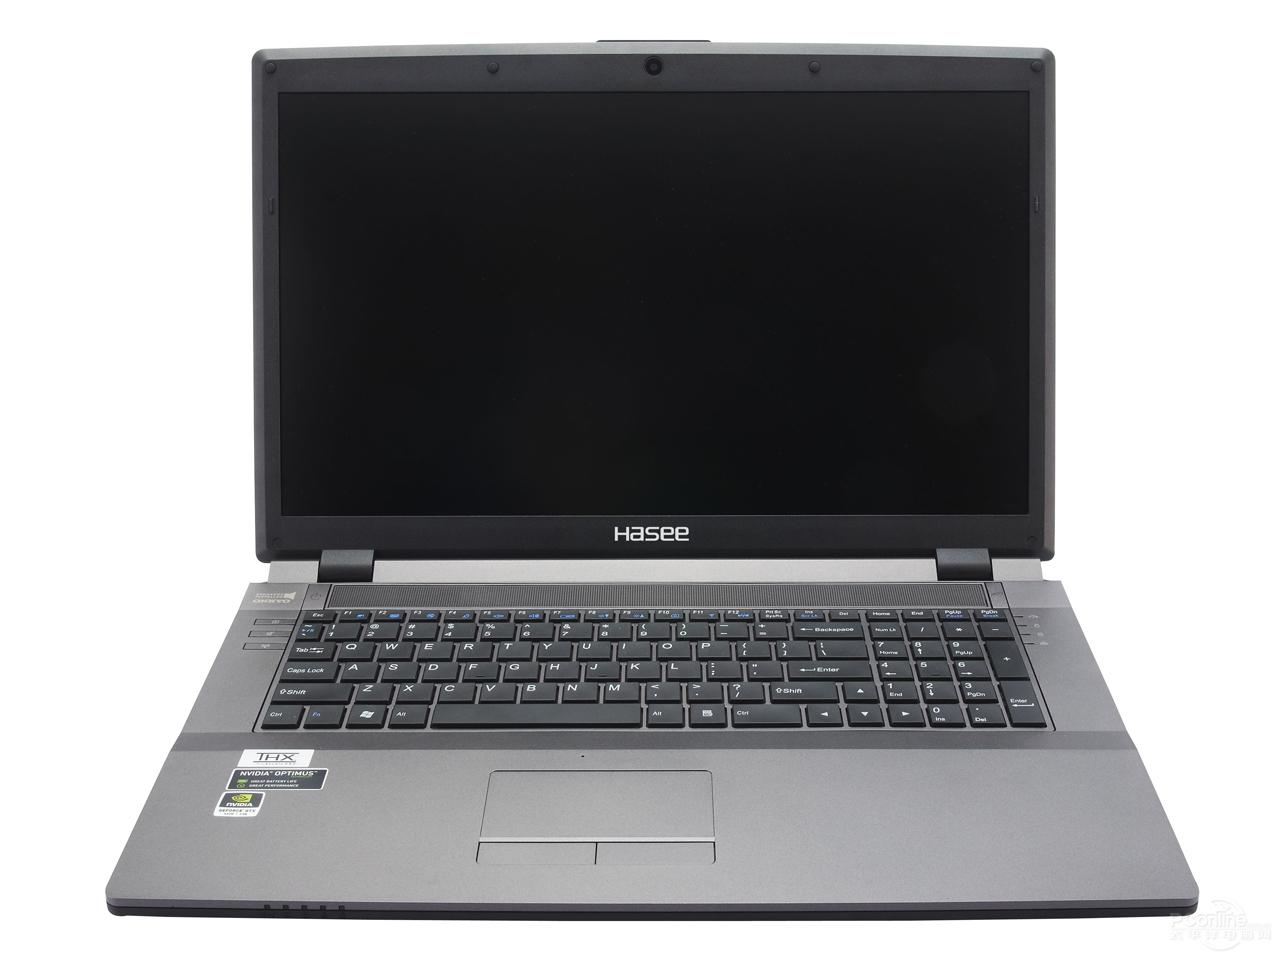 电脑_笔记本 笔记本电脑 1280_960